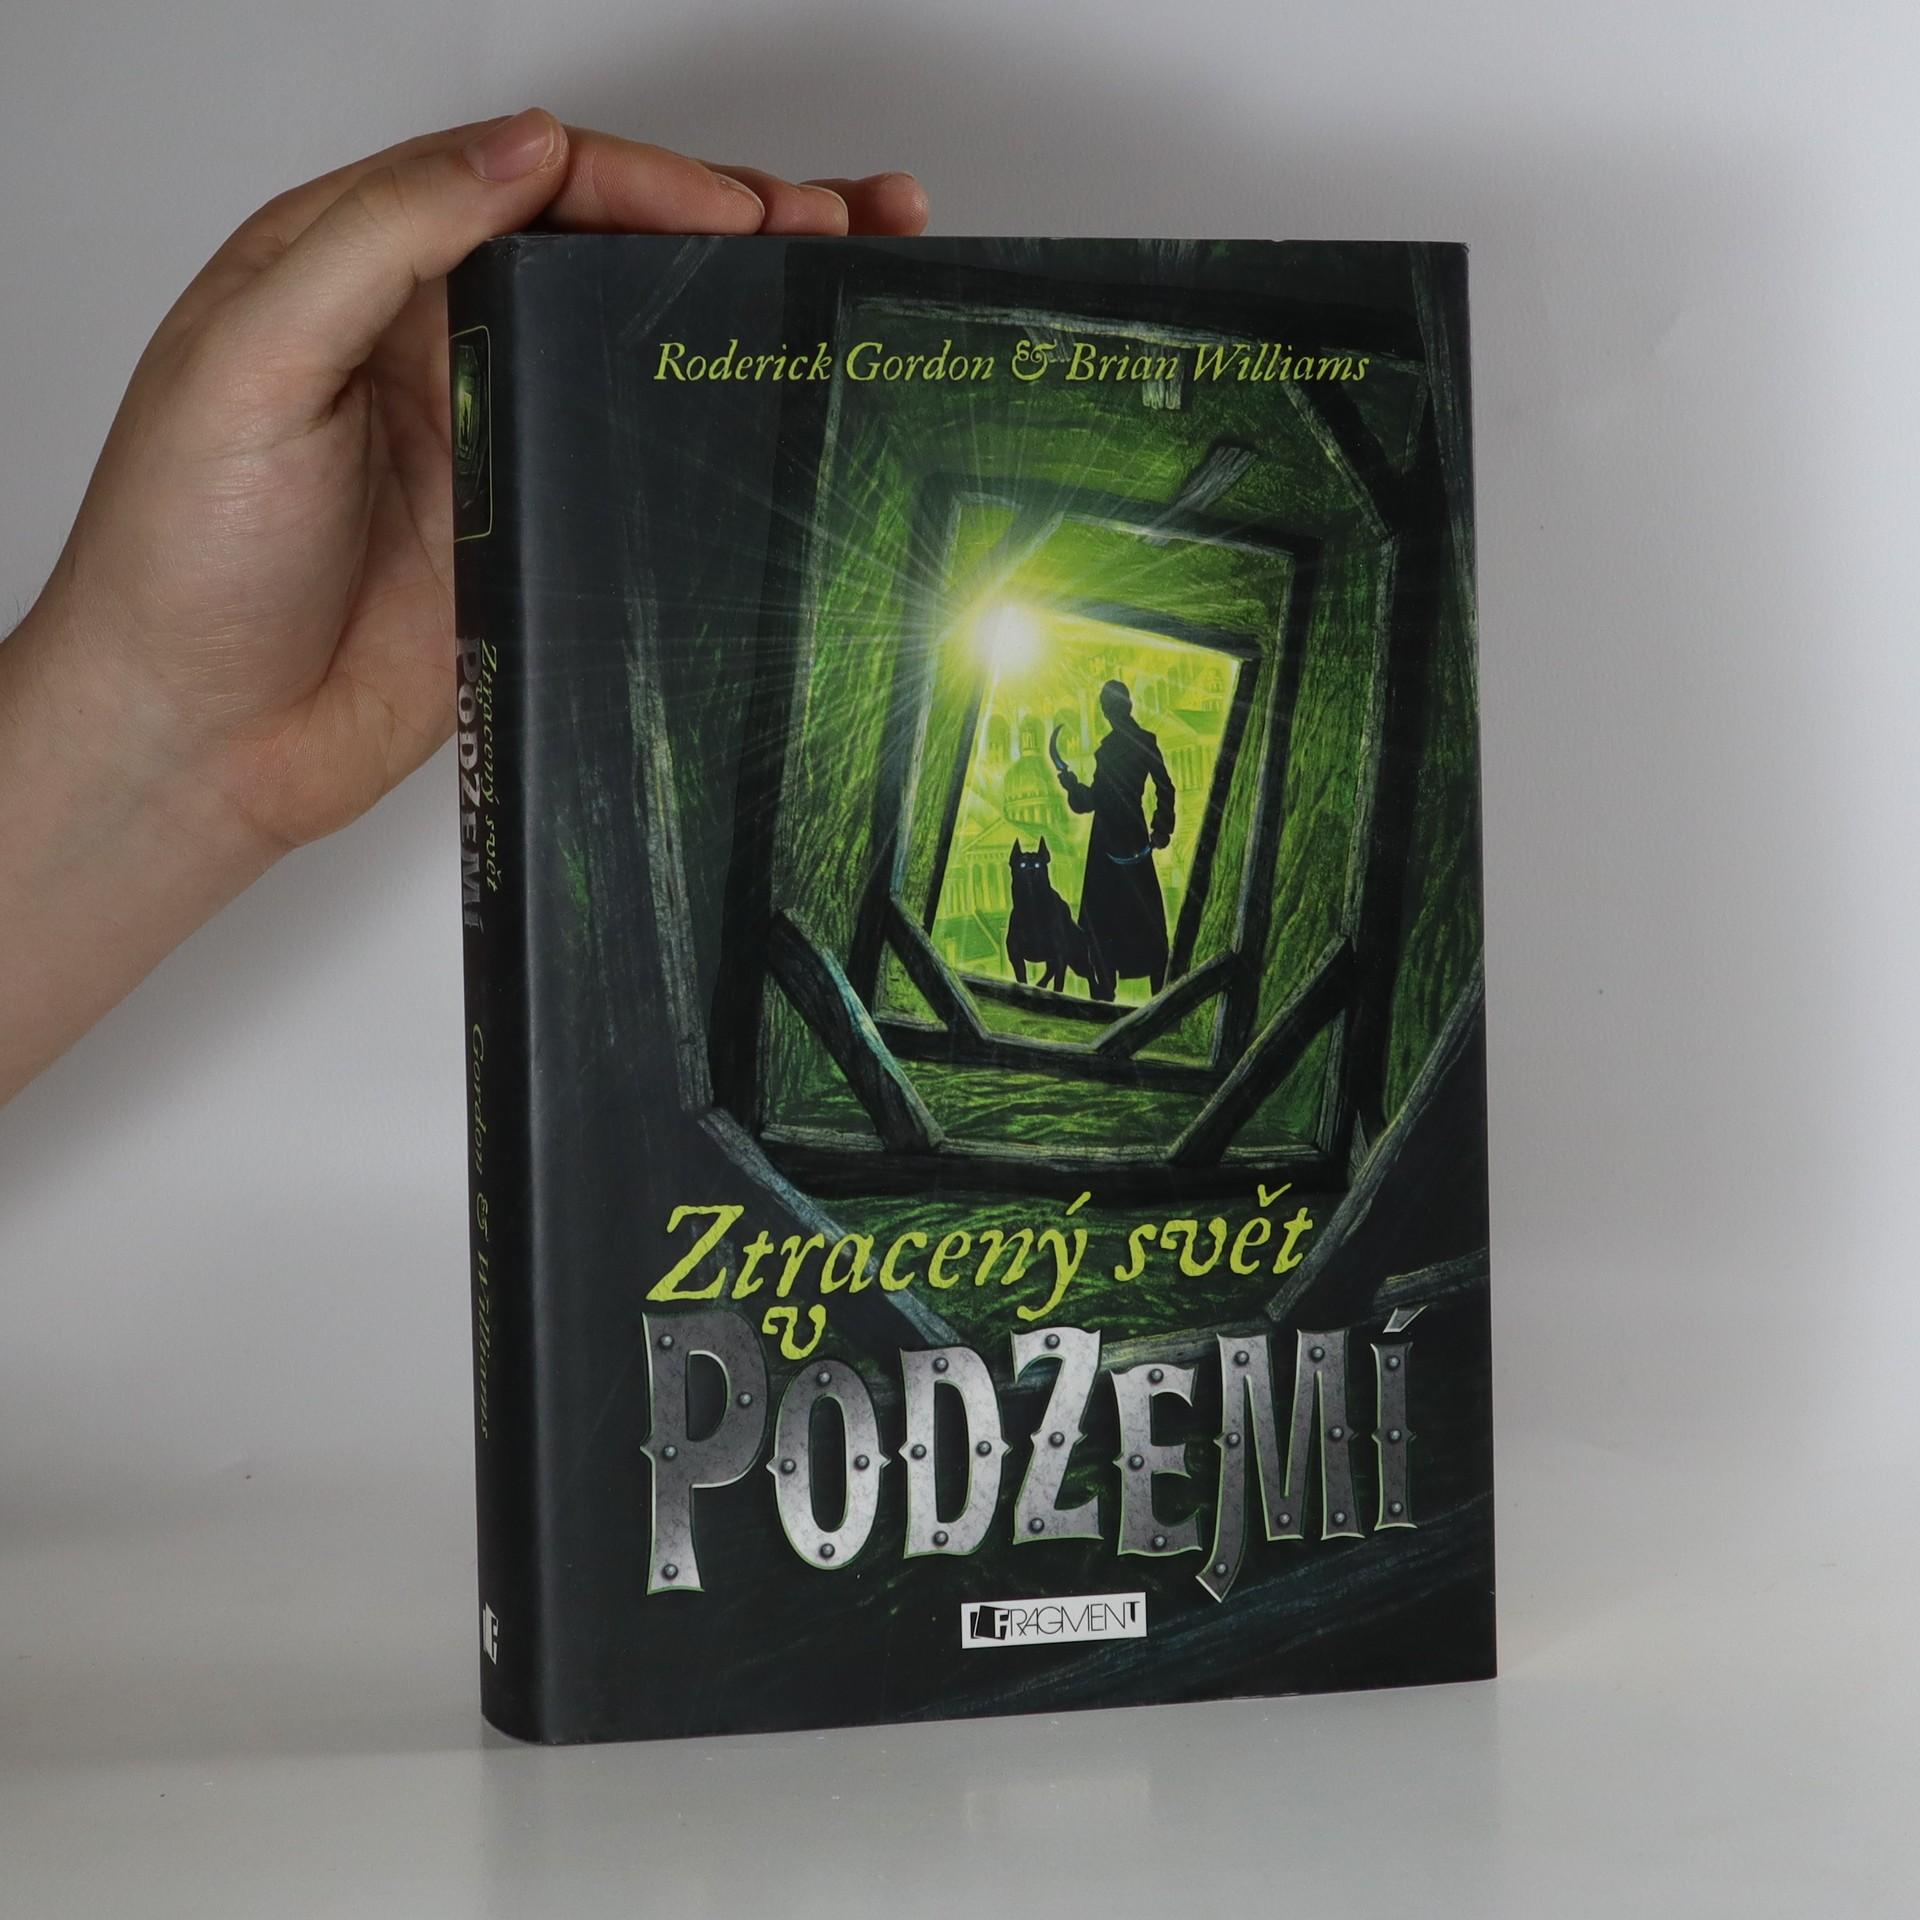 antikvární kniha Ztracený svět v Podzemí, 2008